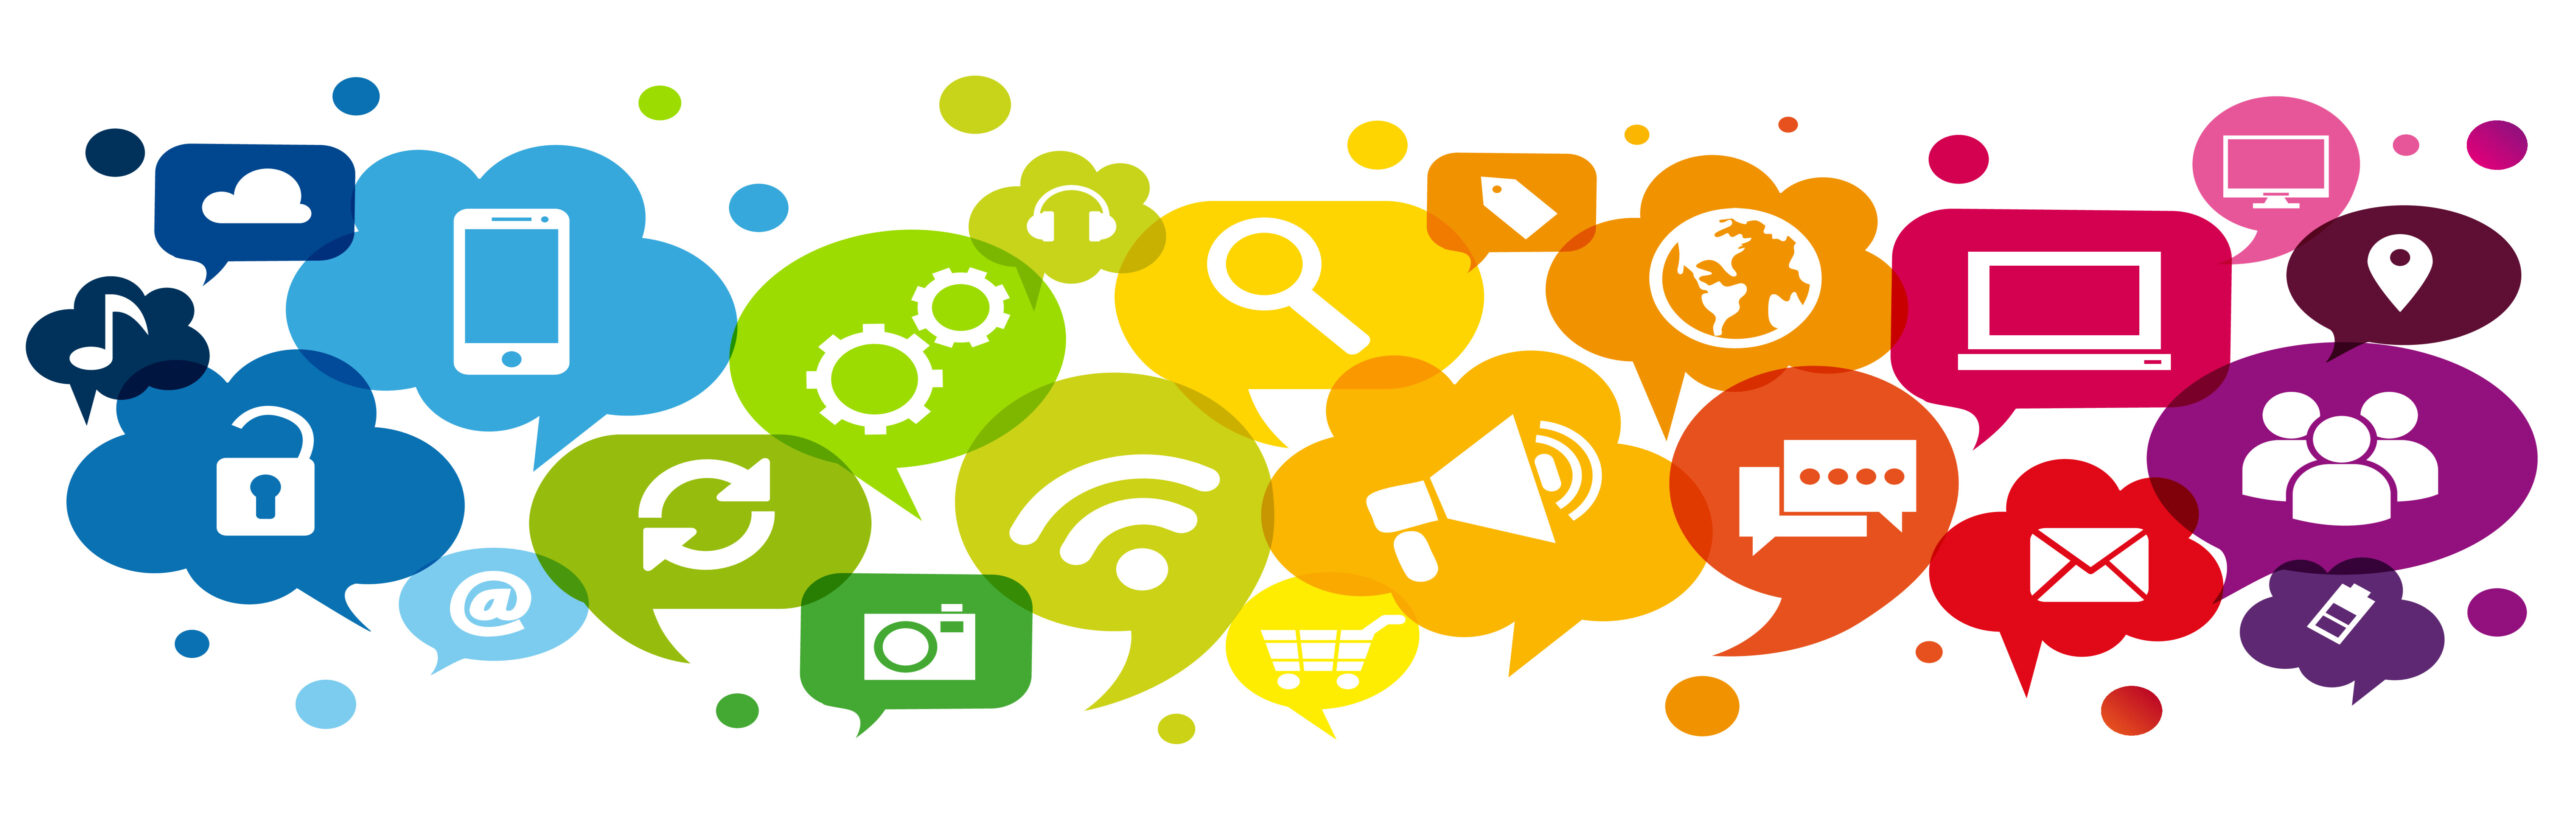 Comunicare, dialogare, rete